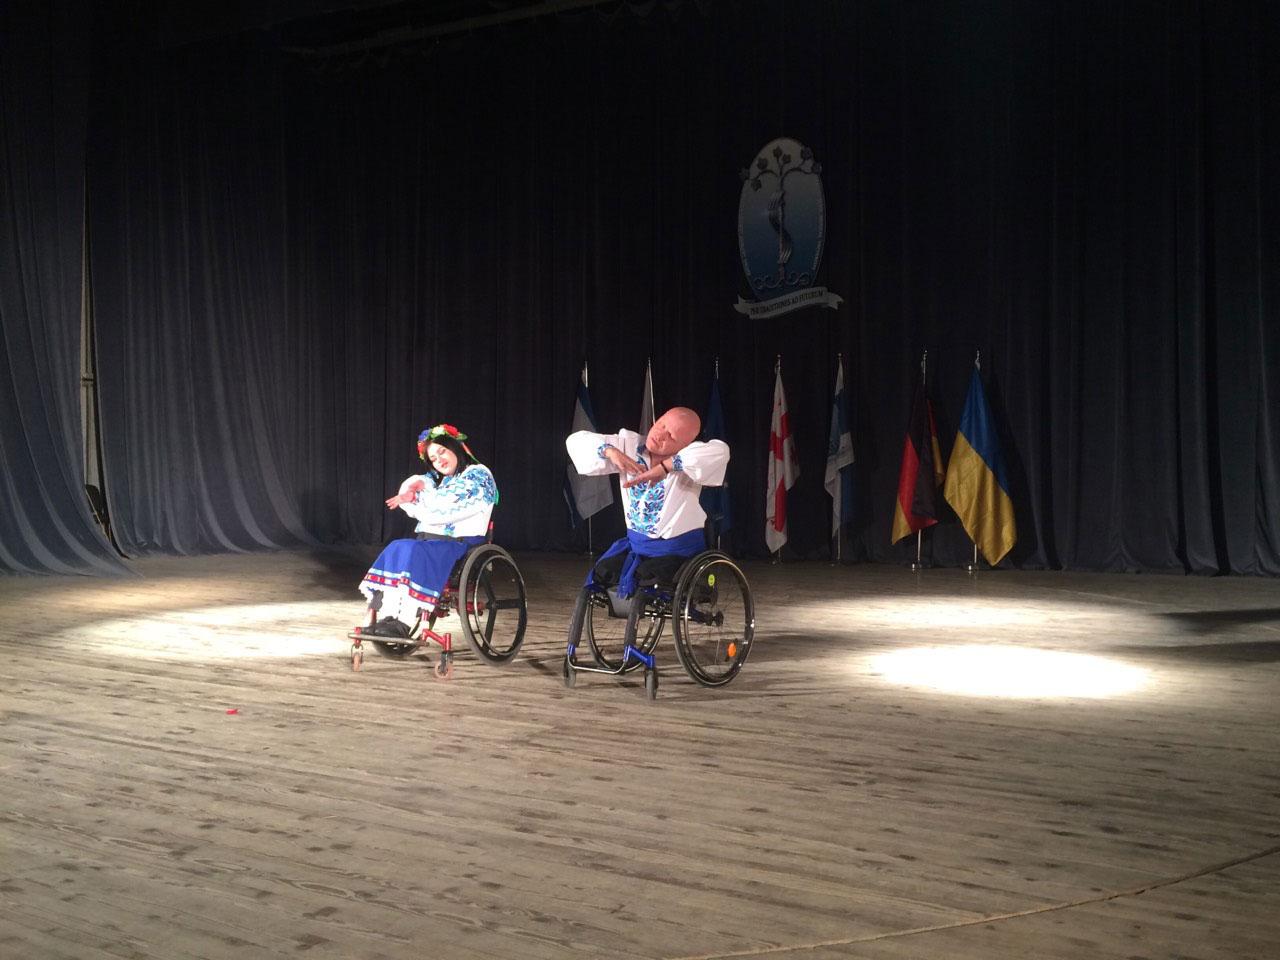 Вінничани на візках виграли Гран-прі на міжнародному інклюзивному фестивалі у Грузії